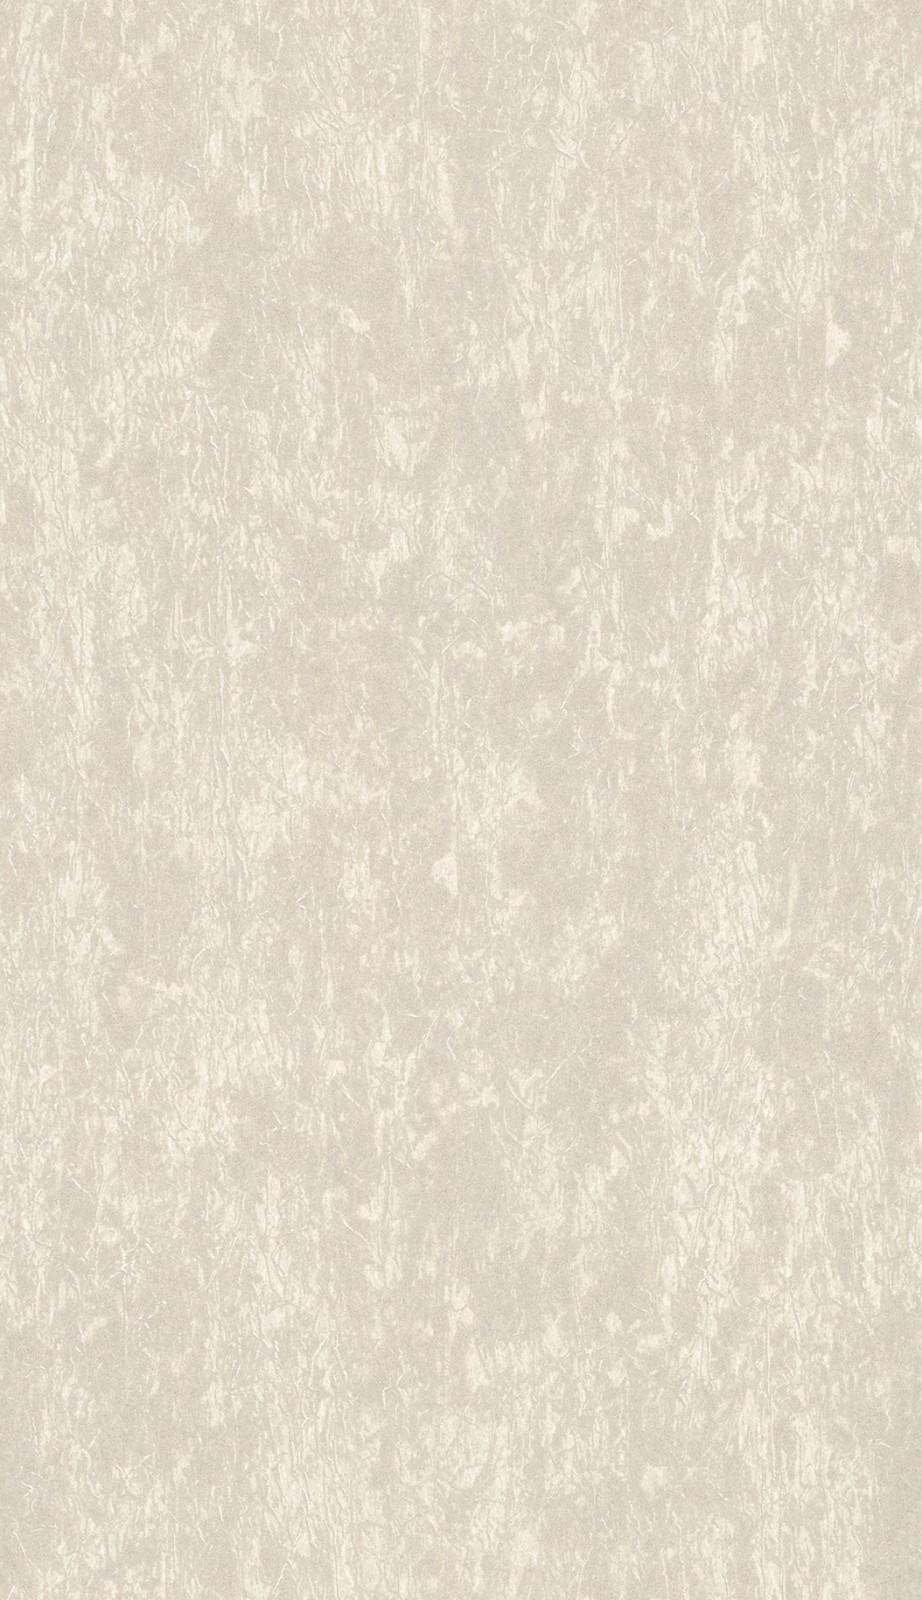 tapete beige grau ihr traumhaus ideen. Black Bedroom Furniture Sets. Home Design Ideas